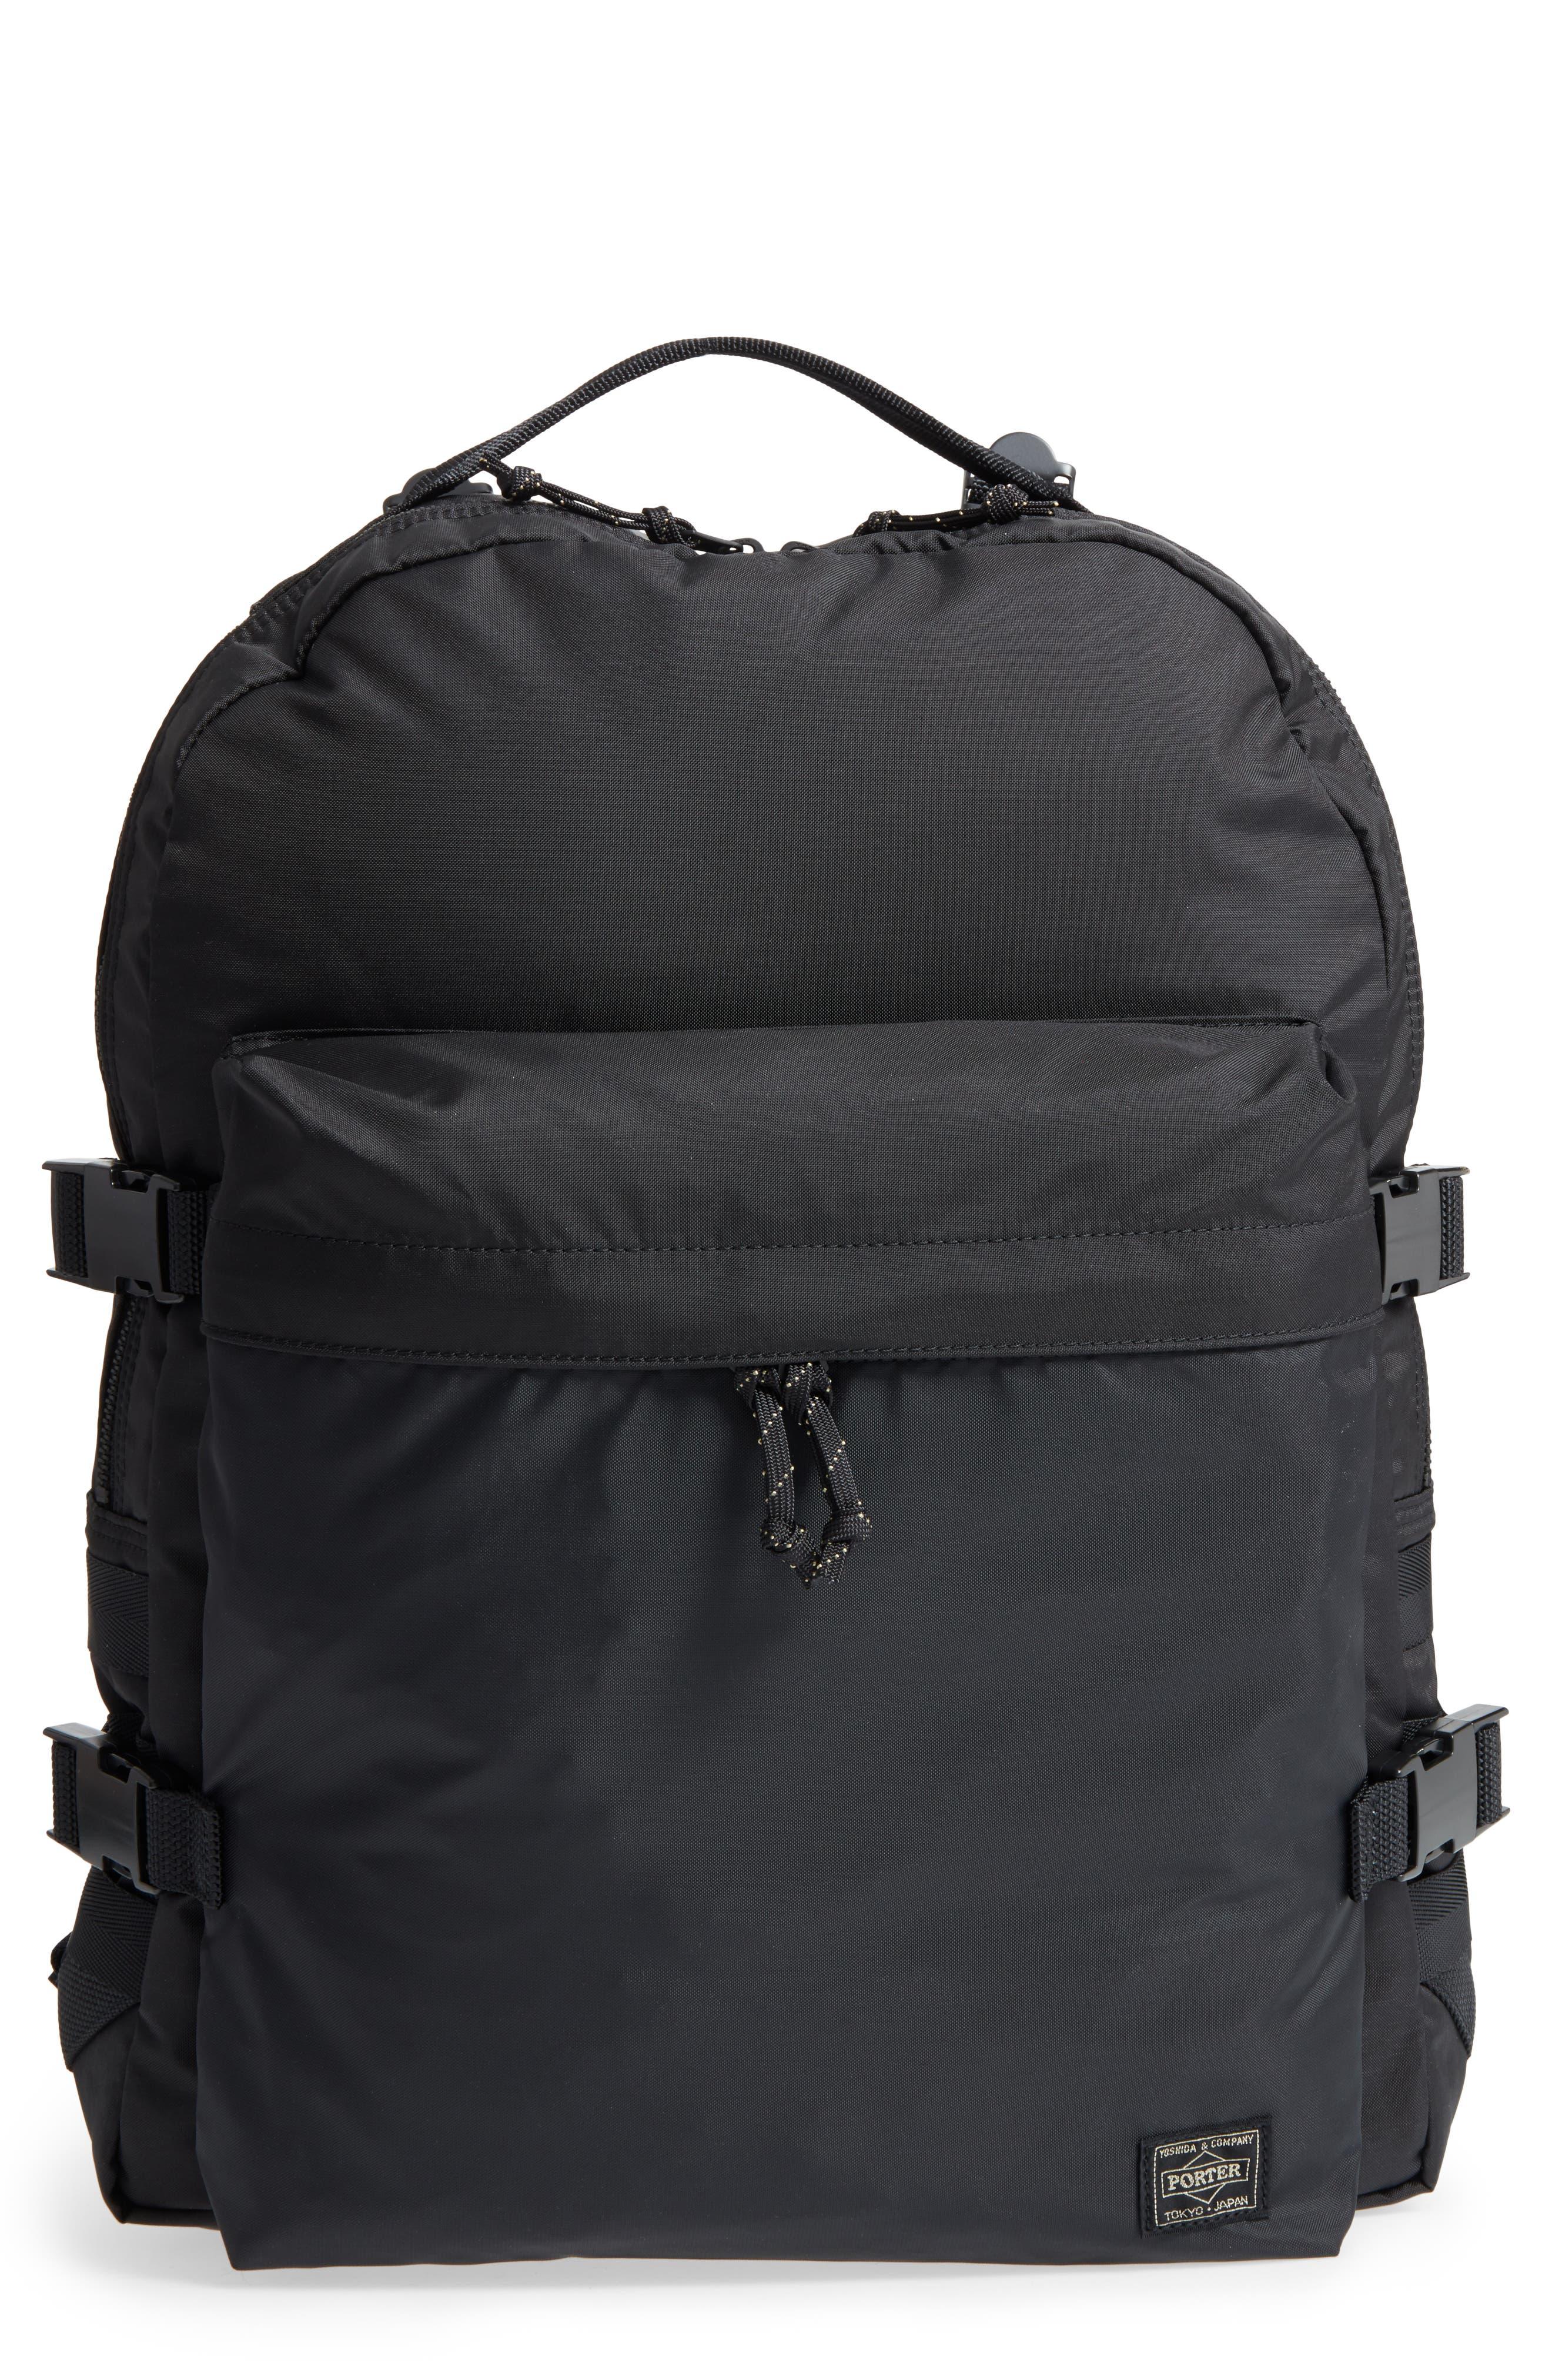 Porter-Yoshida & Co. Force Backpack,                             Main thumbnail 1, color,